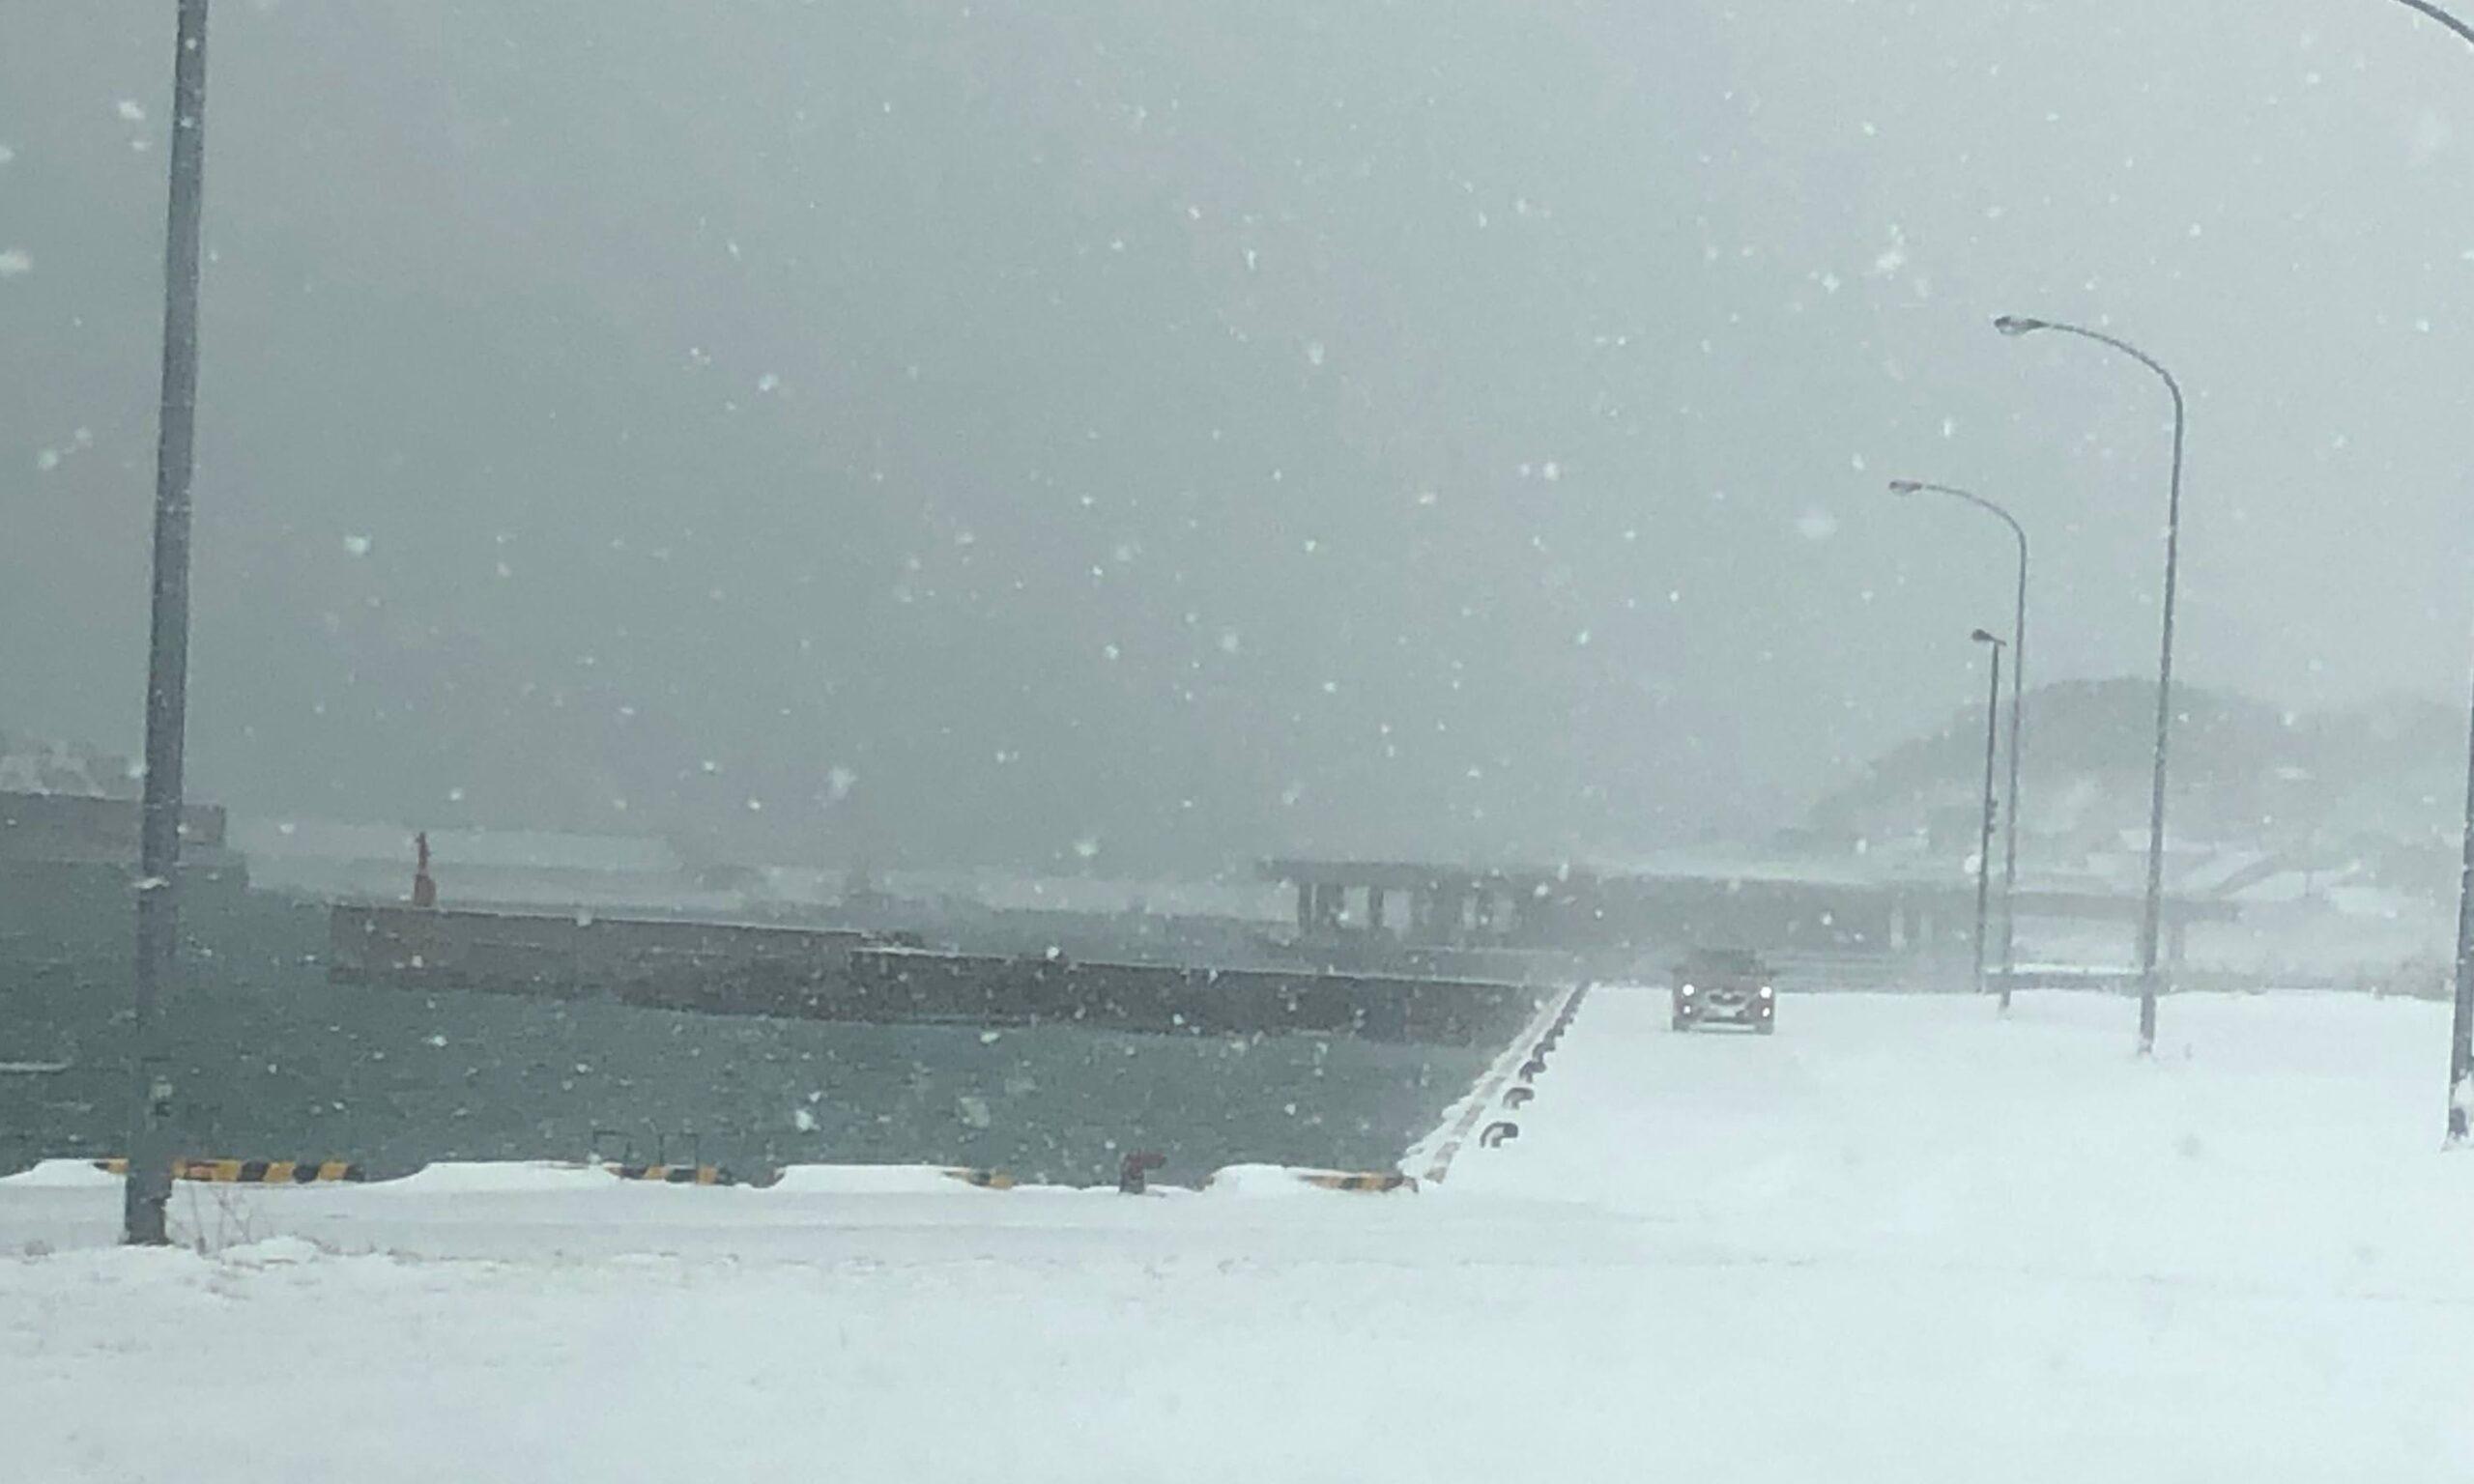 熊石漁港 釣り 令和3年1月31日